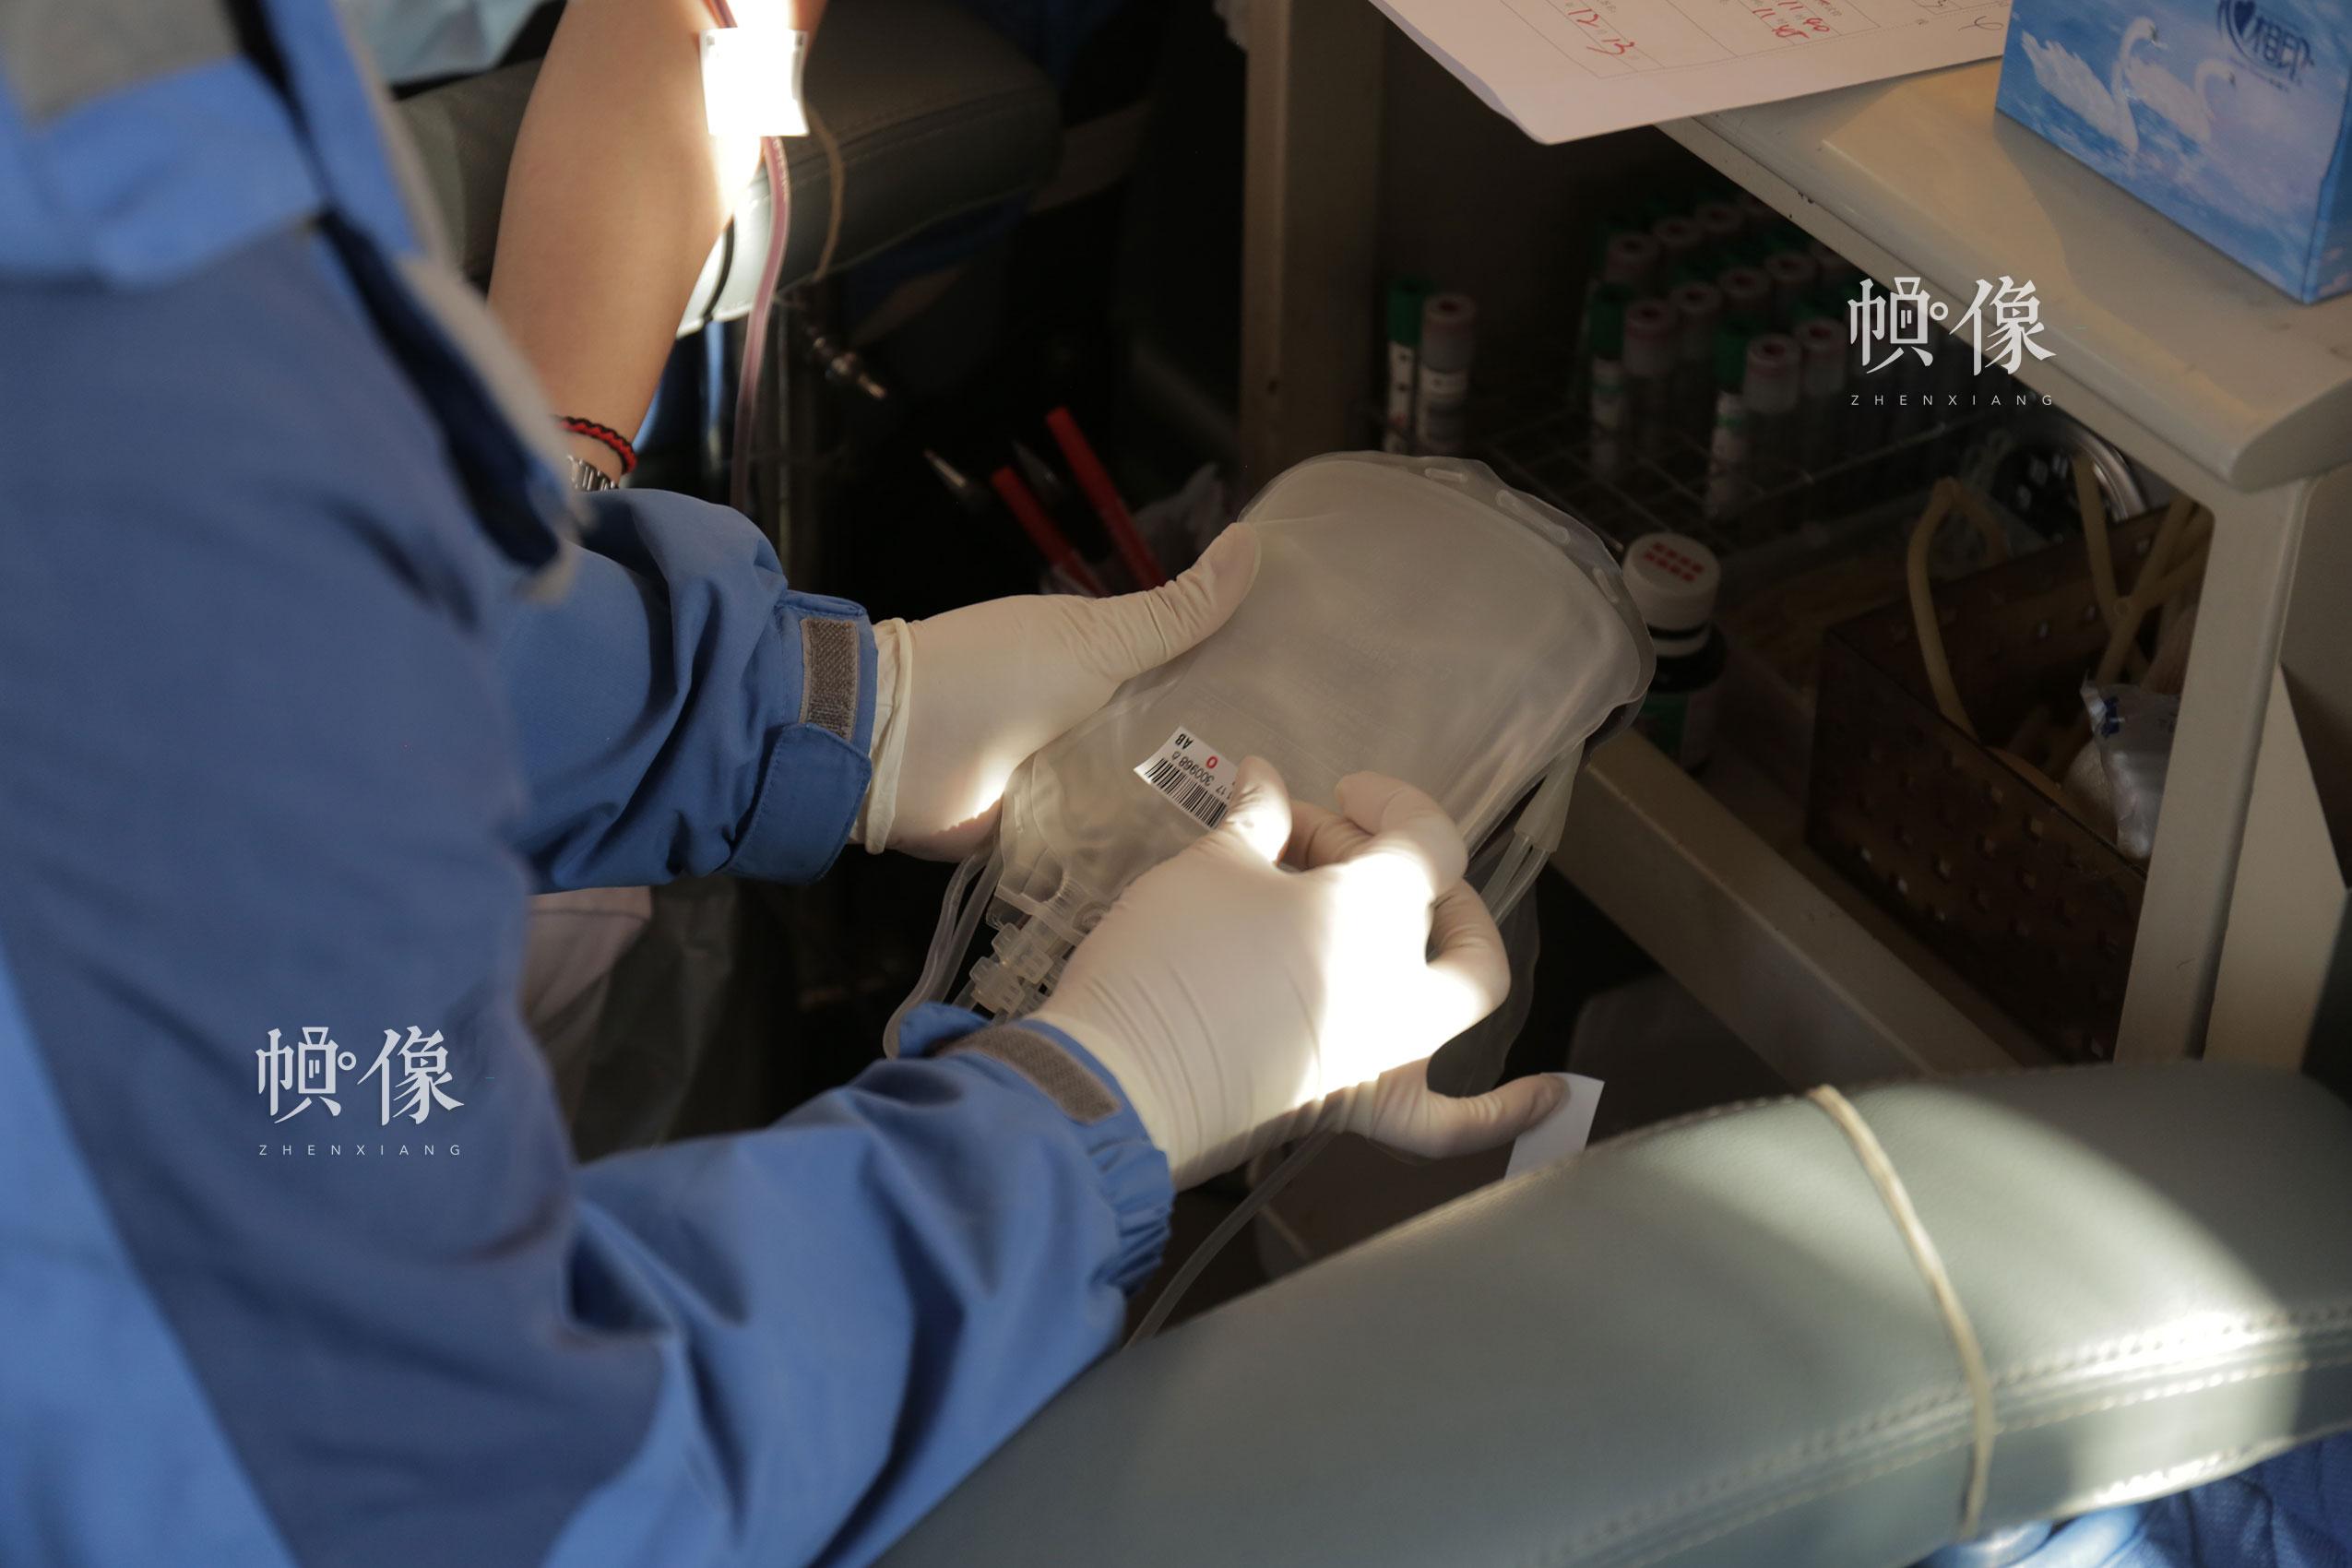 2017年12月18日,北京西单图书大厦外的无偿献血车,护士对采血贴标签。中国网实习记者 朱珊杉 摄